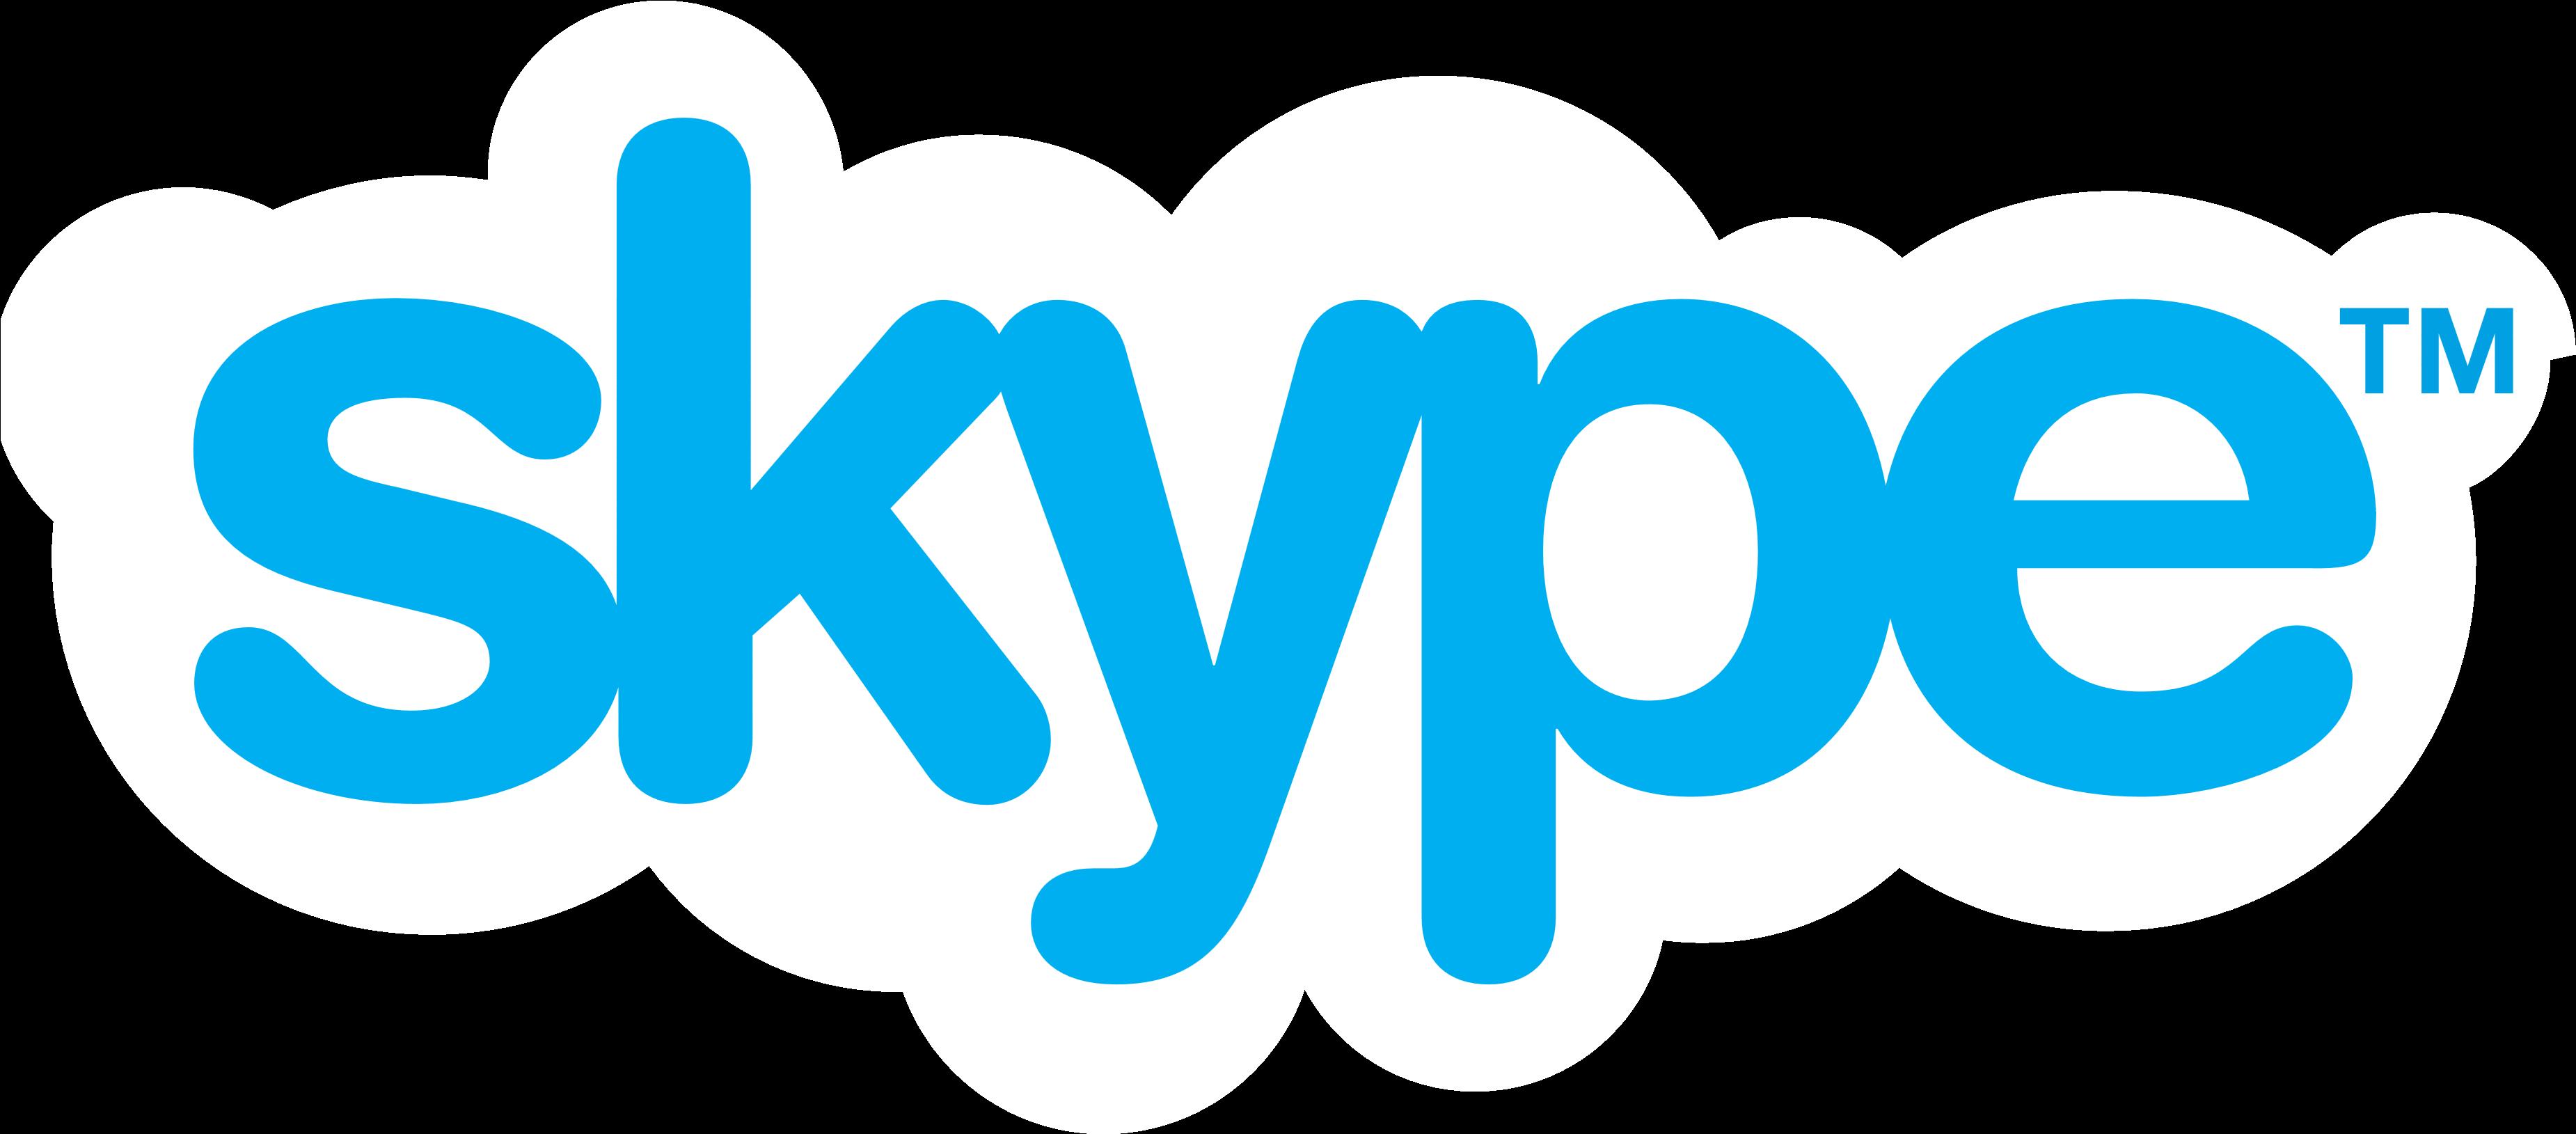 Download Skype Logo Png Vector Skype Logo Free Logo Brands Skype Pluspng.com  - Skype Logo PNG